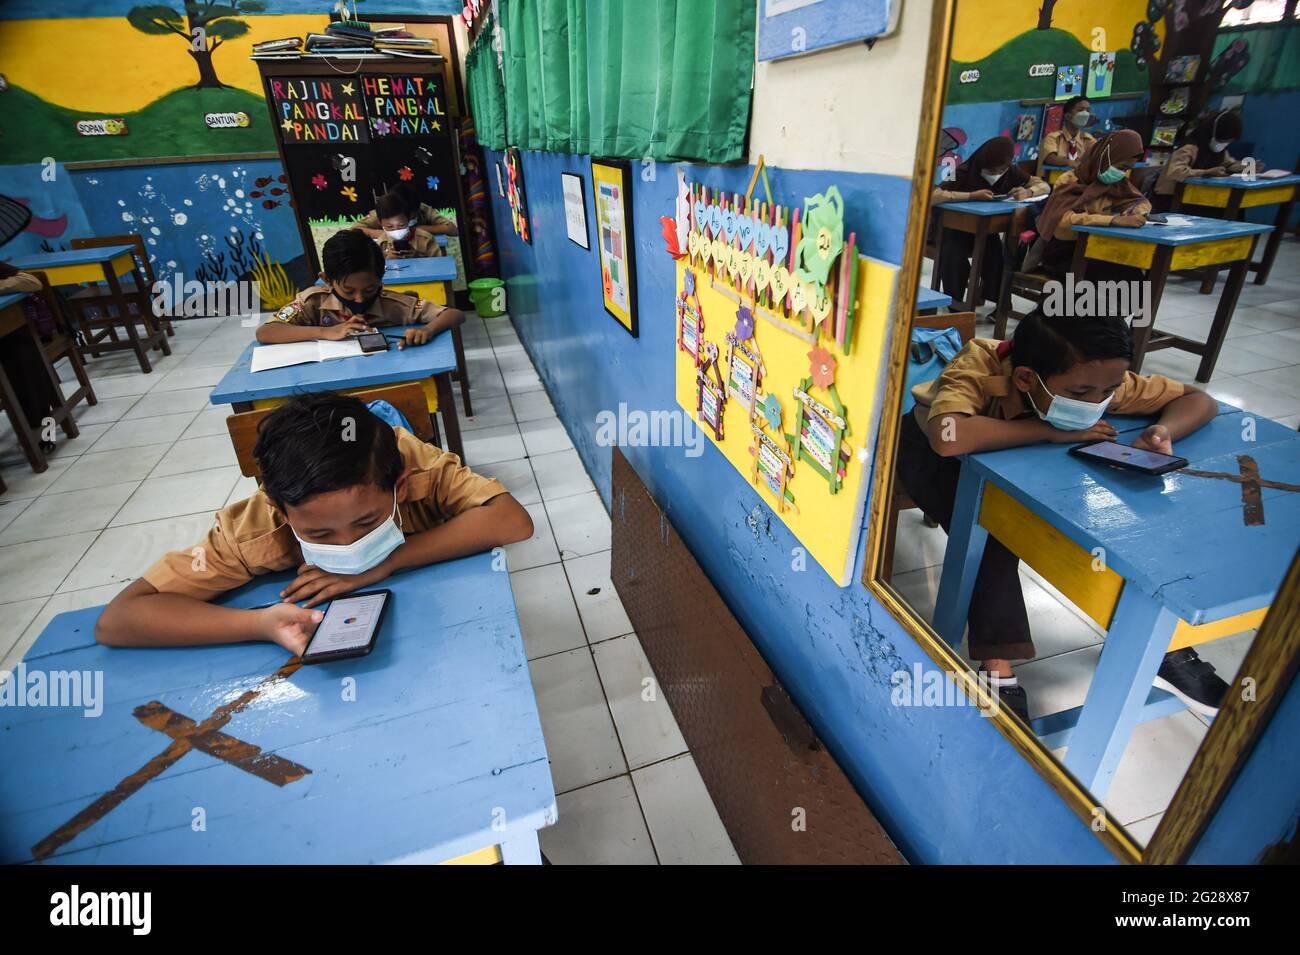 Jakarta, Indonesien. Juni 2021. Grundschüler, die Gesichtsmasken tragen, werden im Klassenzimmer während einer probeweise persönlichen Lernaktivität während des COVID-19-Ausbruchs an einer Schule in Jakarta, Indonesien, am 9. Juni 2021 gesehen. Quelle: Agung Kuncahya B./Xinhua/Alamy Live News Stockfoto